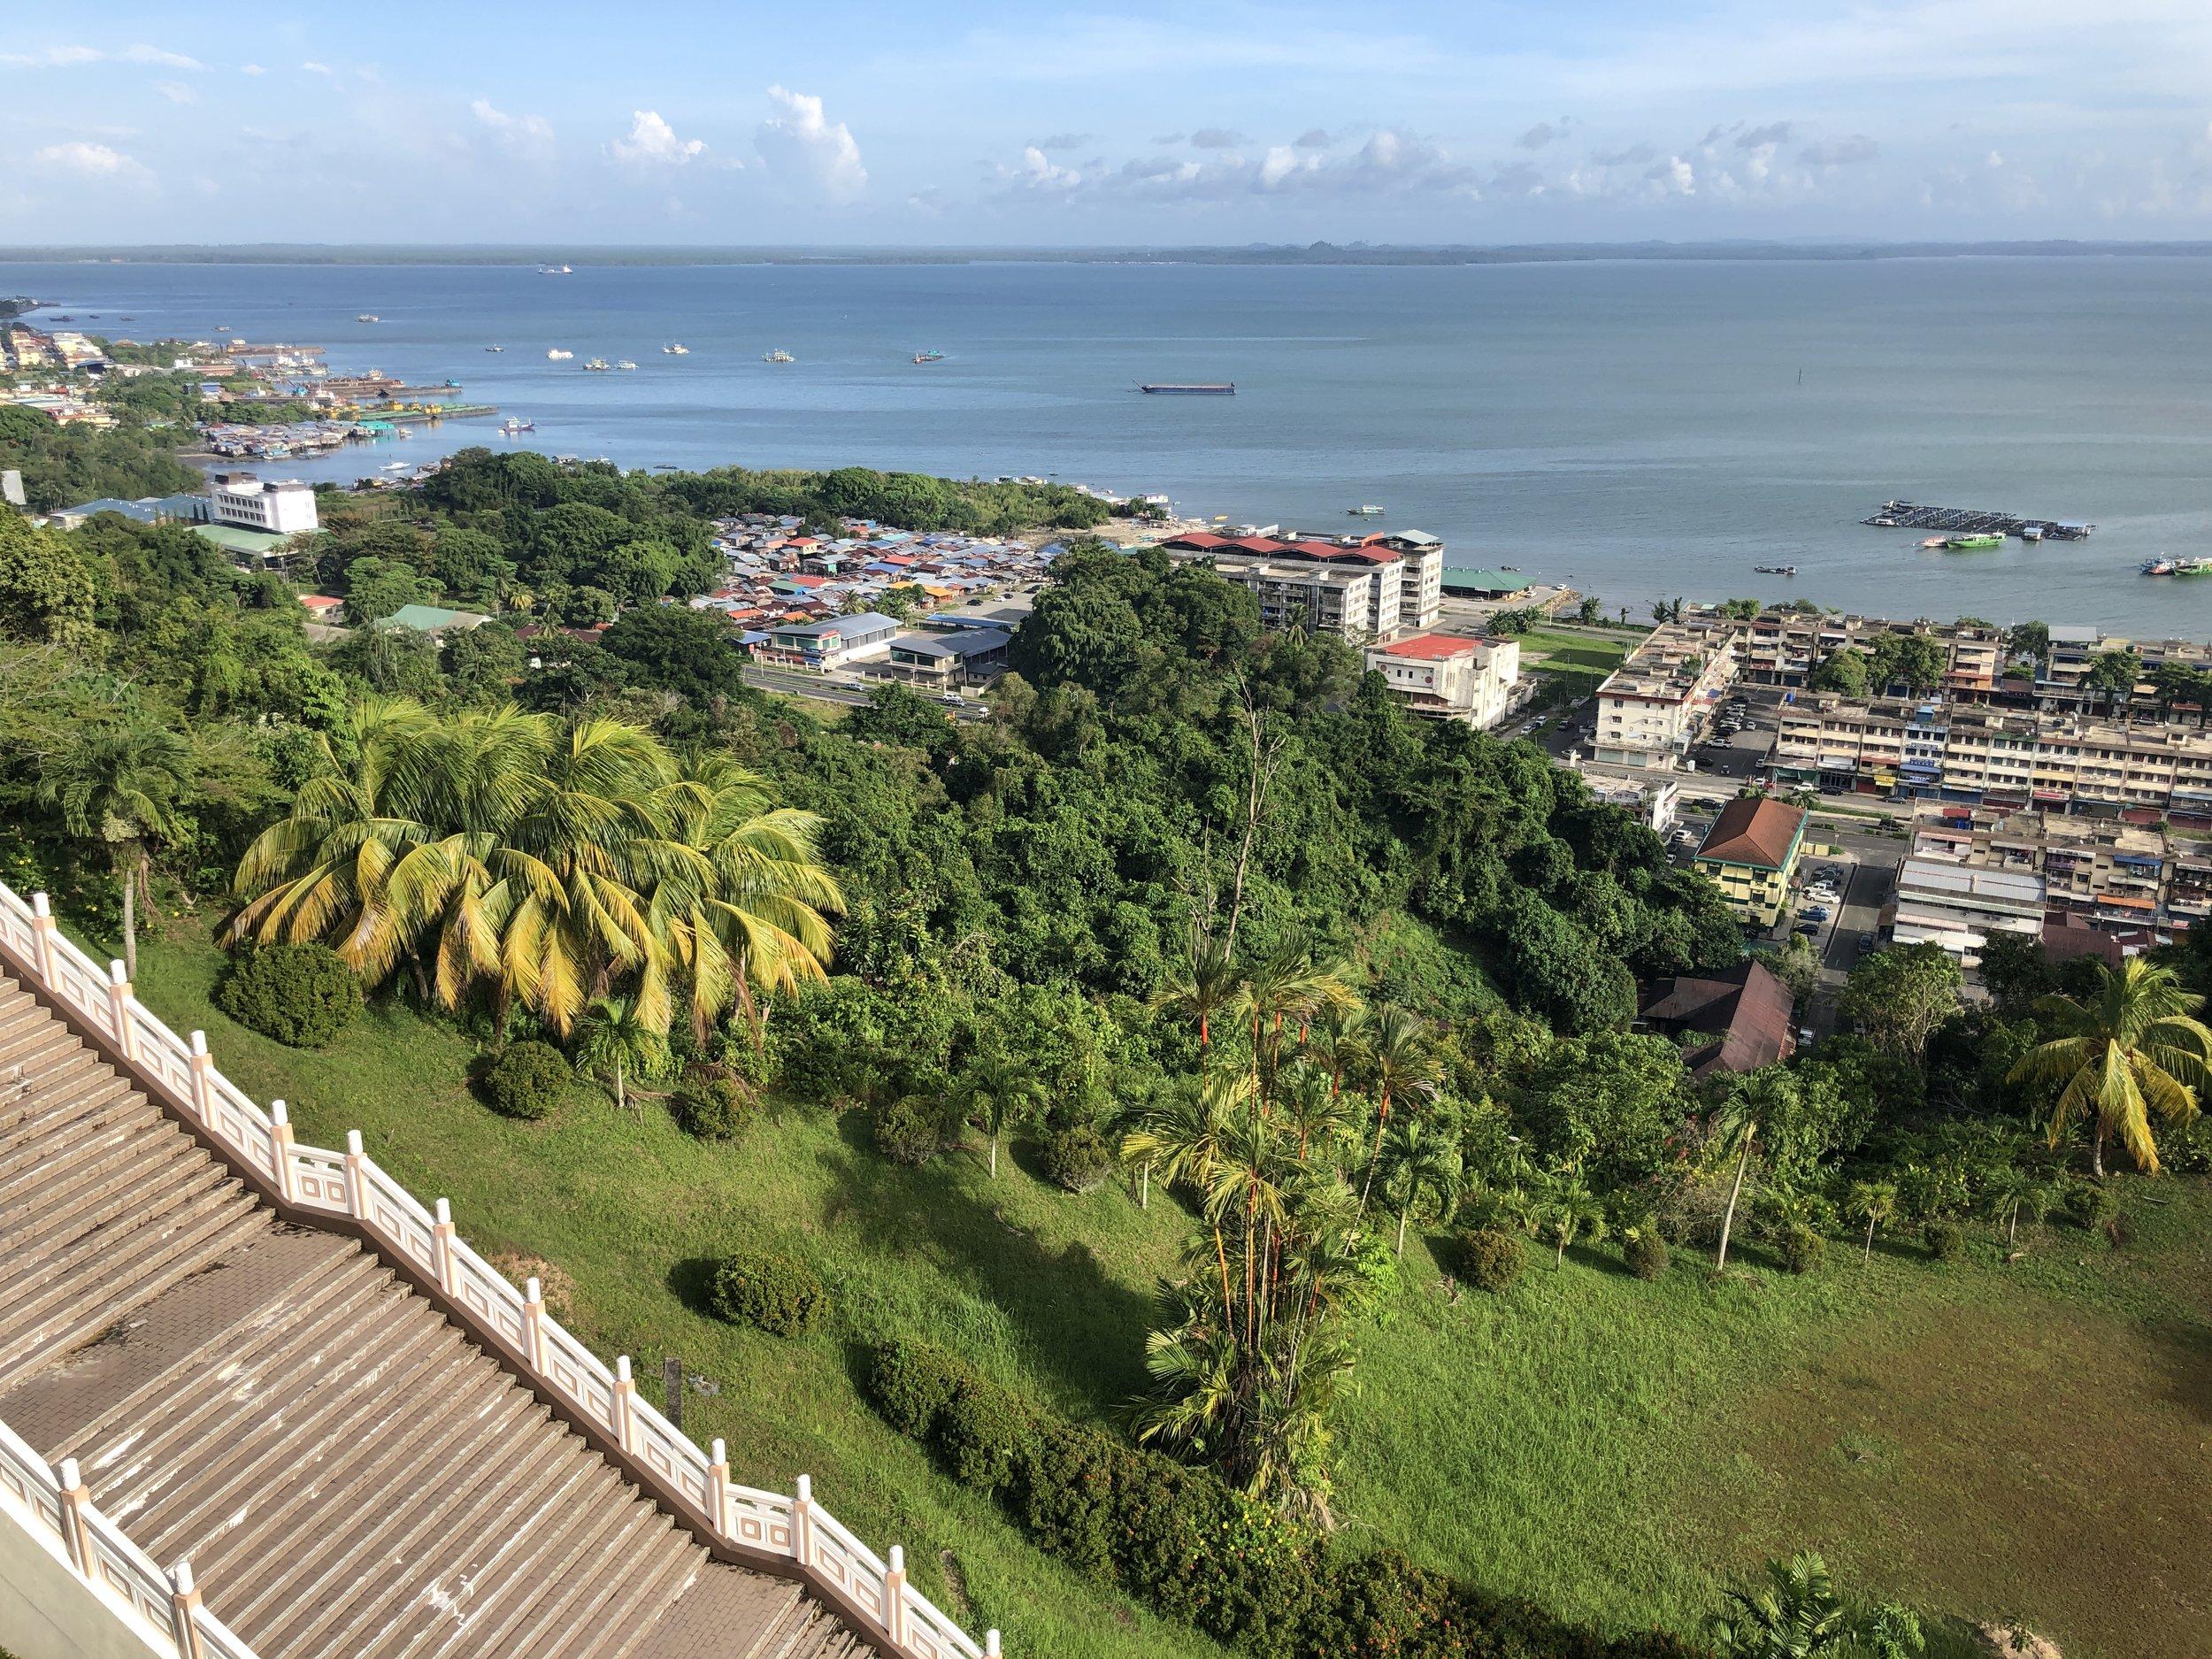 View of Sandakan city